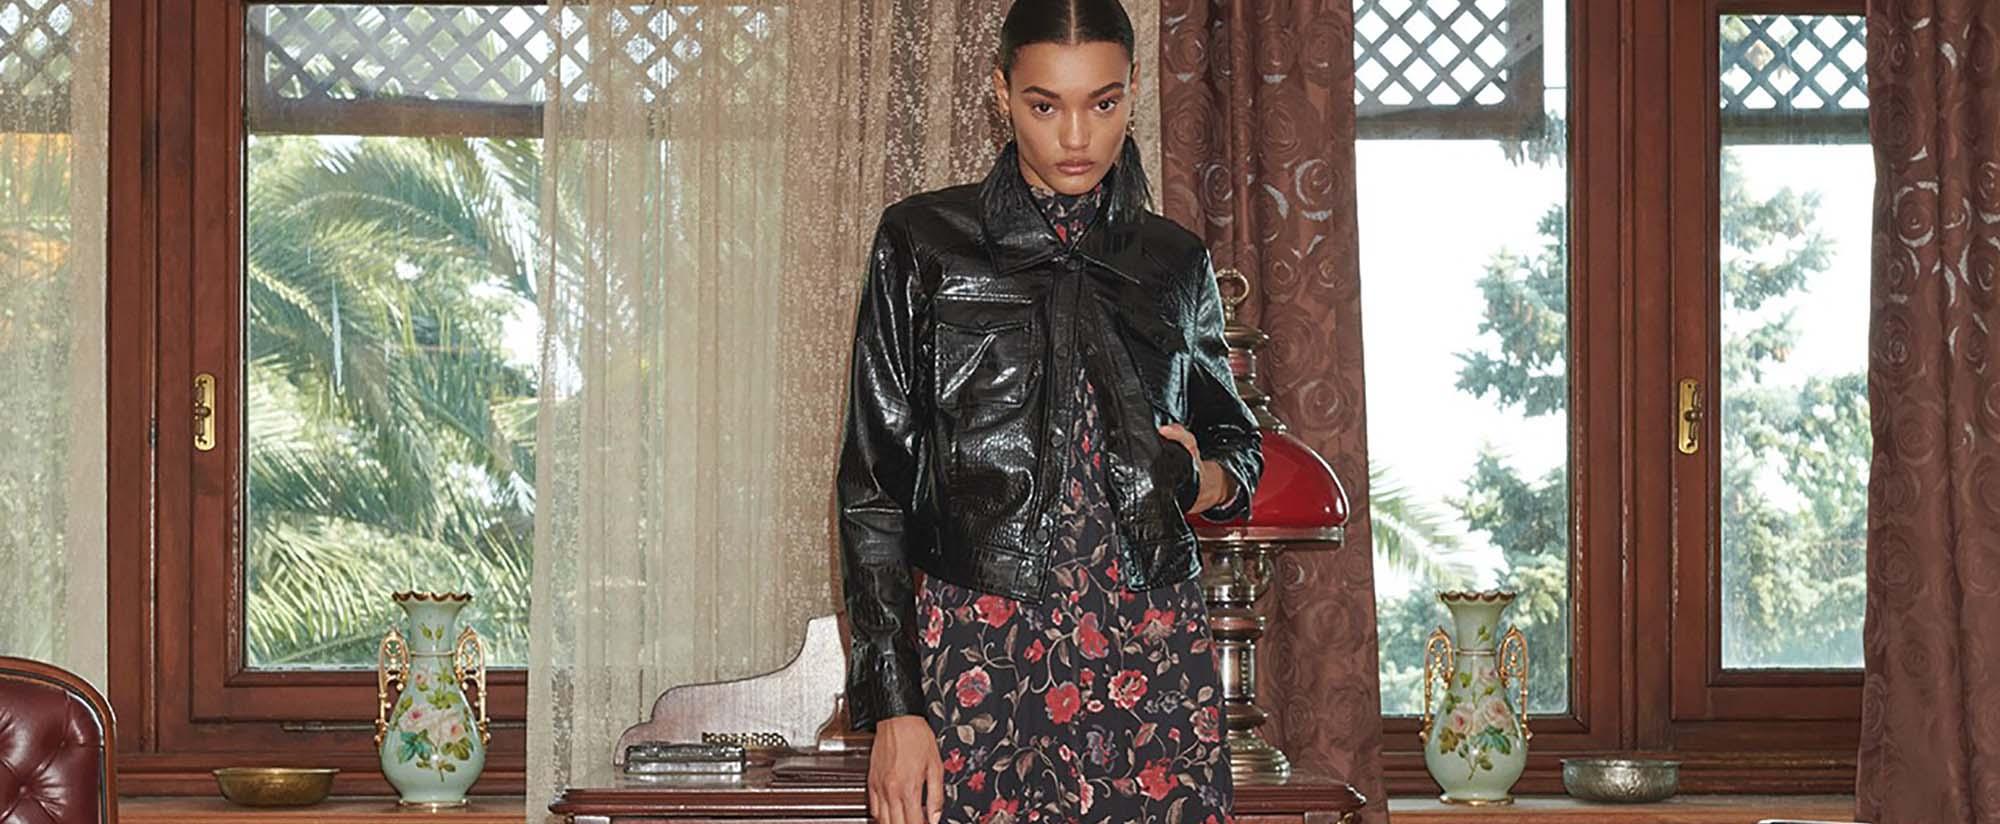 צילום מתאוס סטנקיאוויץ' reserved - , מעיל 159.9 שמלה 159.9 (3) - Fashion Israel - 2020 חדשות אופנה 2020, כתבות אופנה 2020, טרנדים 2020, מגזין אופנה ישראלי, אופנה -